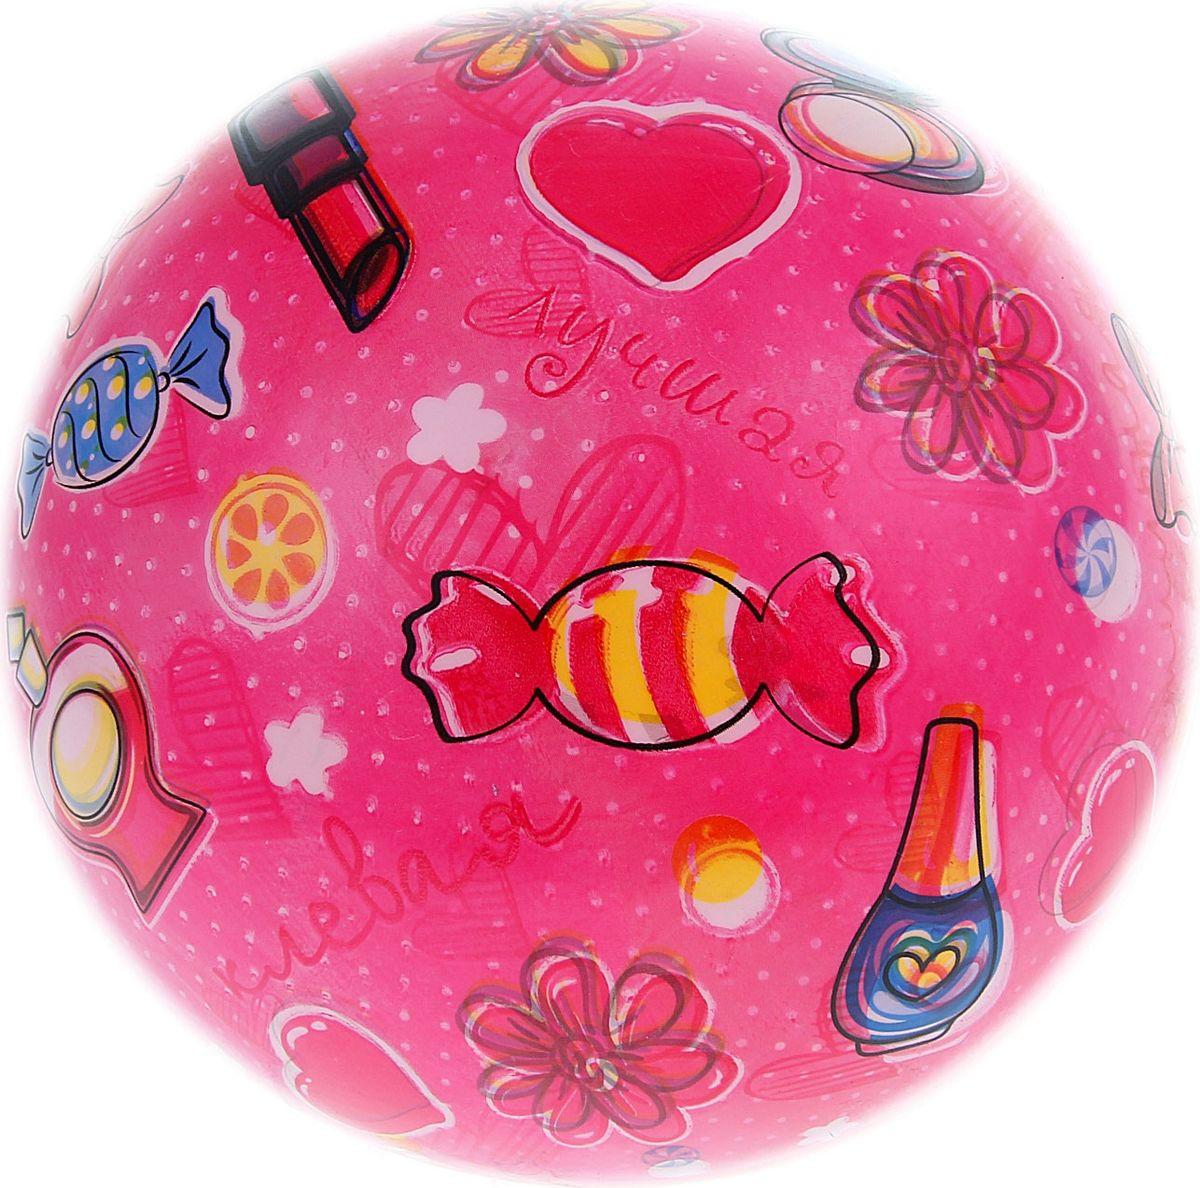 Забияка Мяч Принт для девочек 22 см